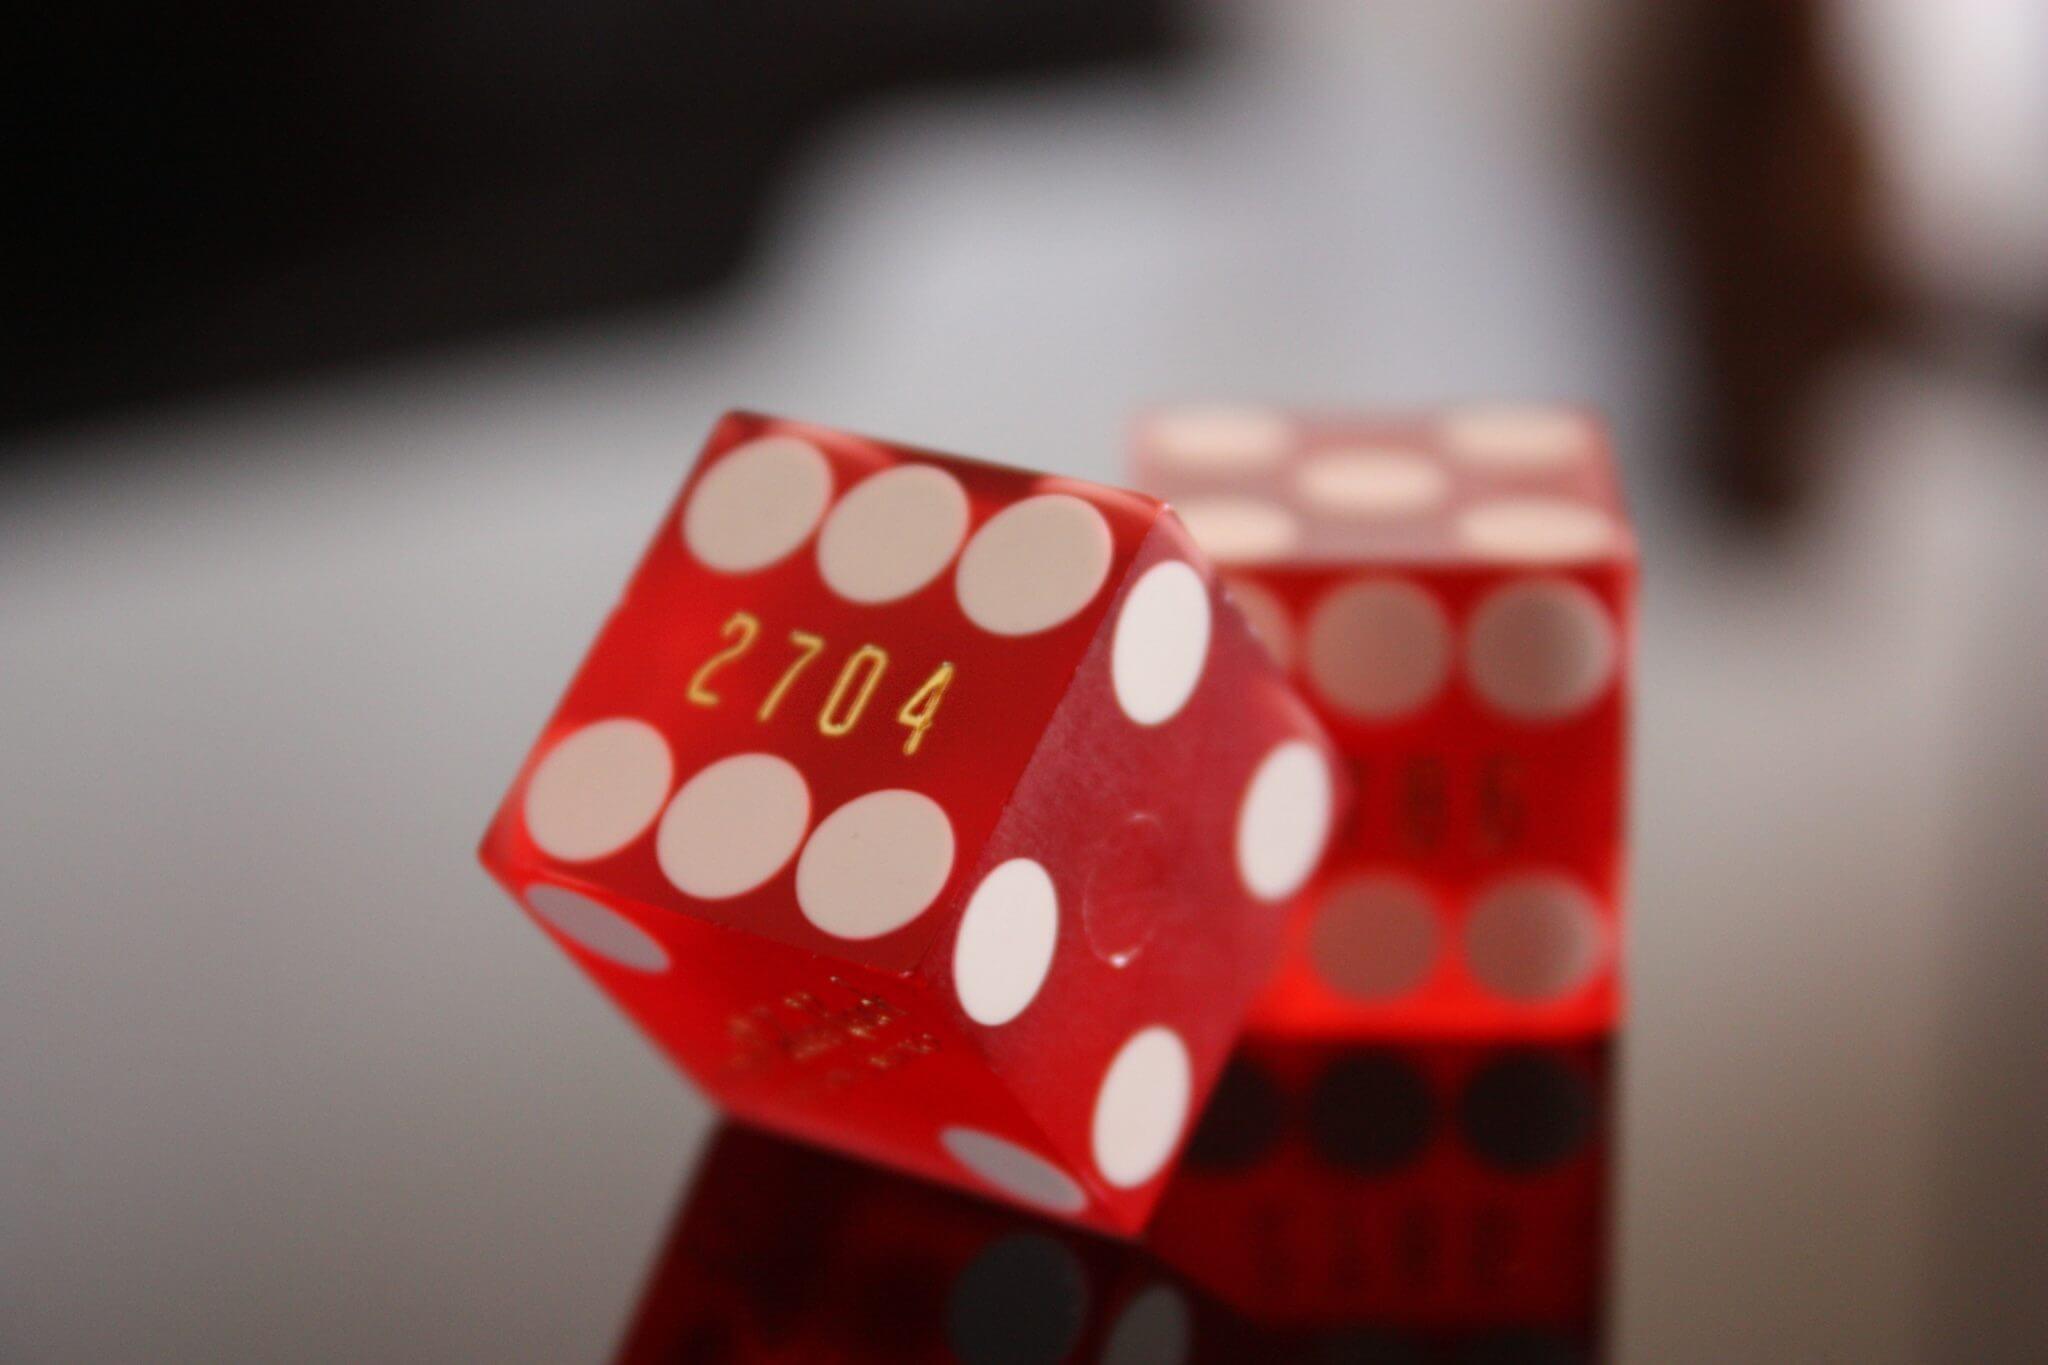 囲碁と五目並べでの勝負の決まり方(ルール)の違い